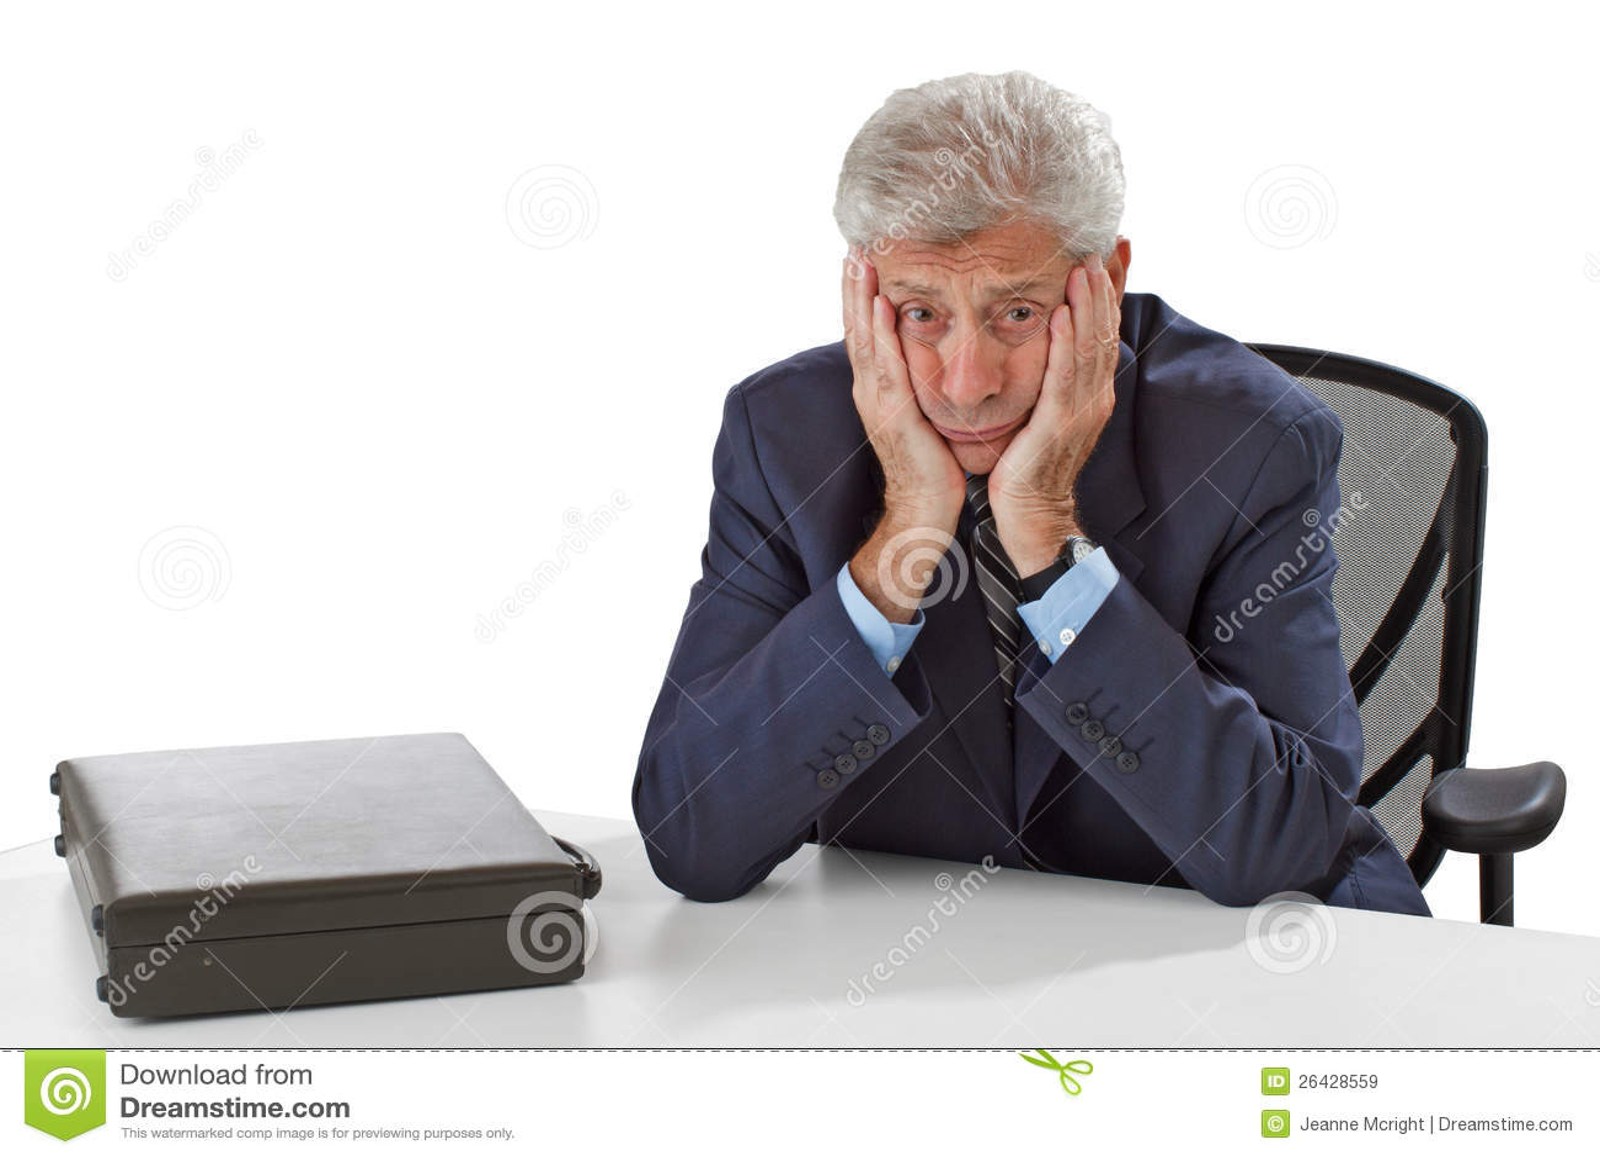 Zmartwiony biznesowy mężczyzna odpoczywa podbródek na rękach